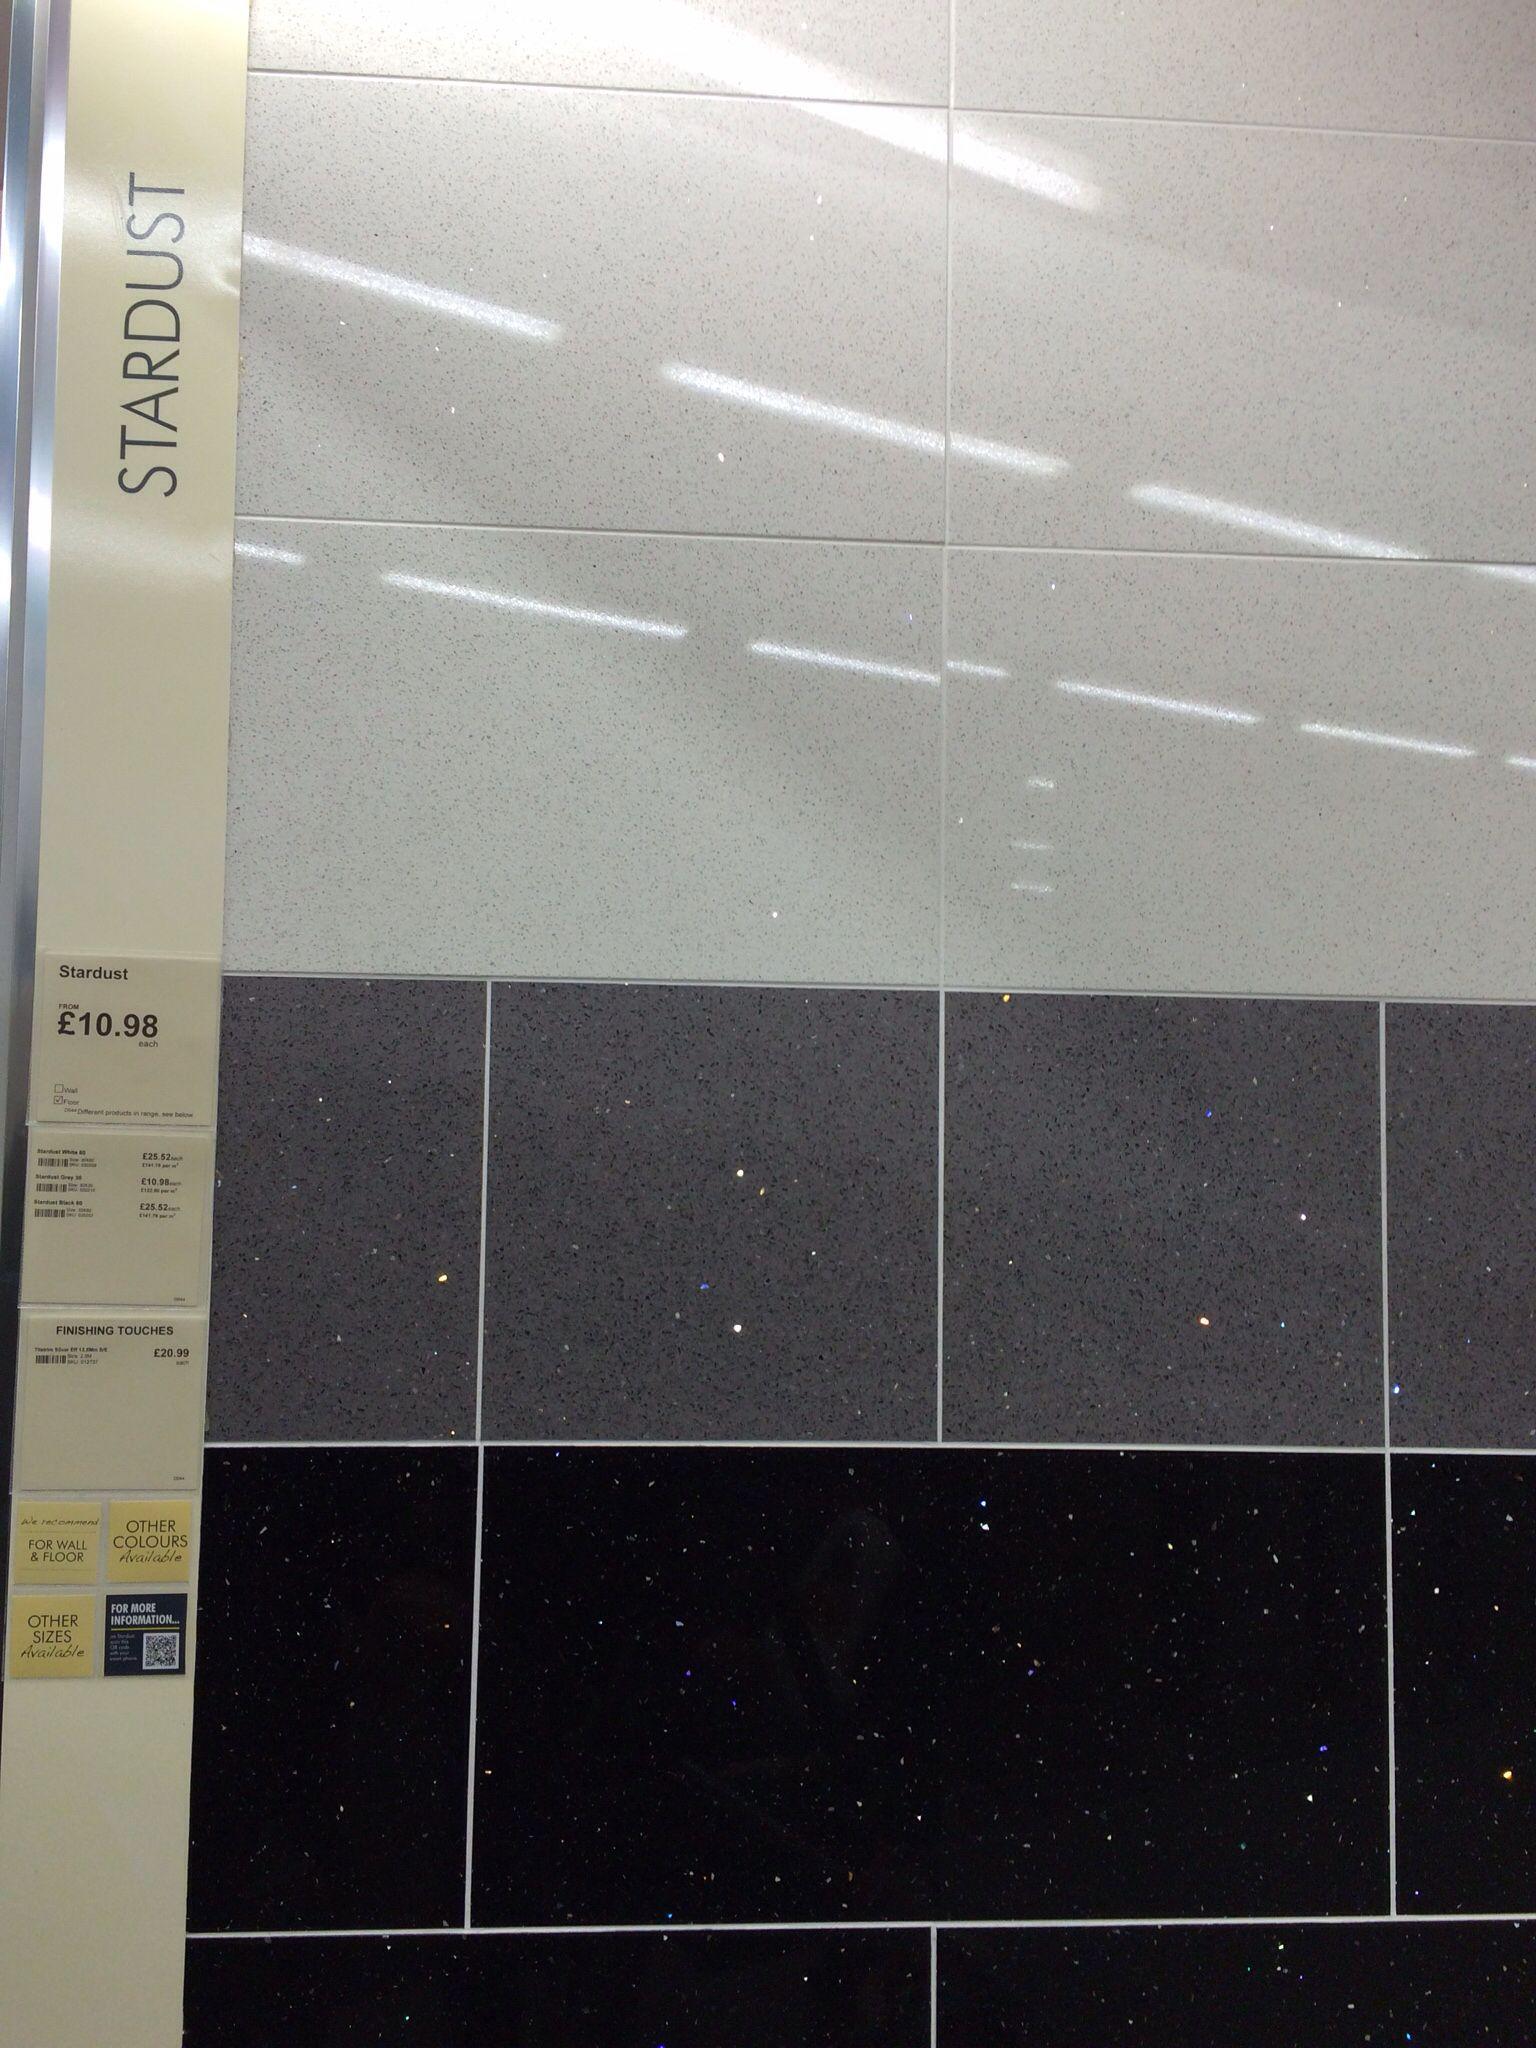 Topps Tiles Stardust Bathroom Cloakroom Bathroom Topps Tiles Flooring